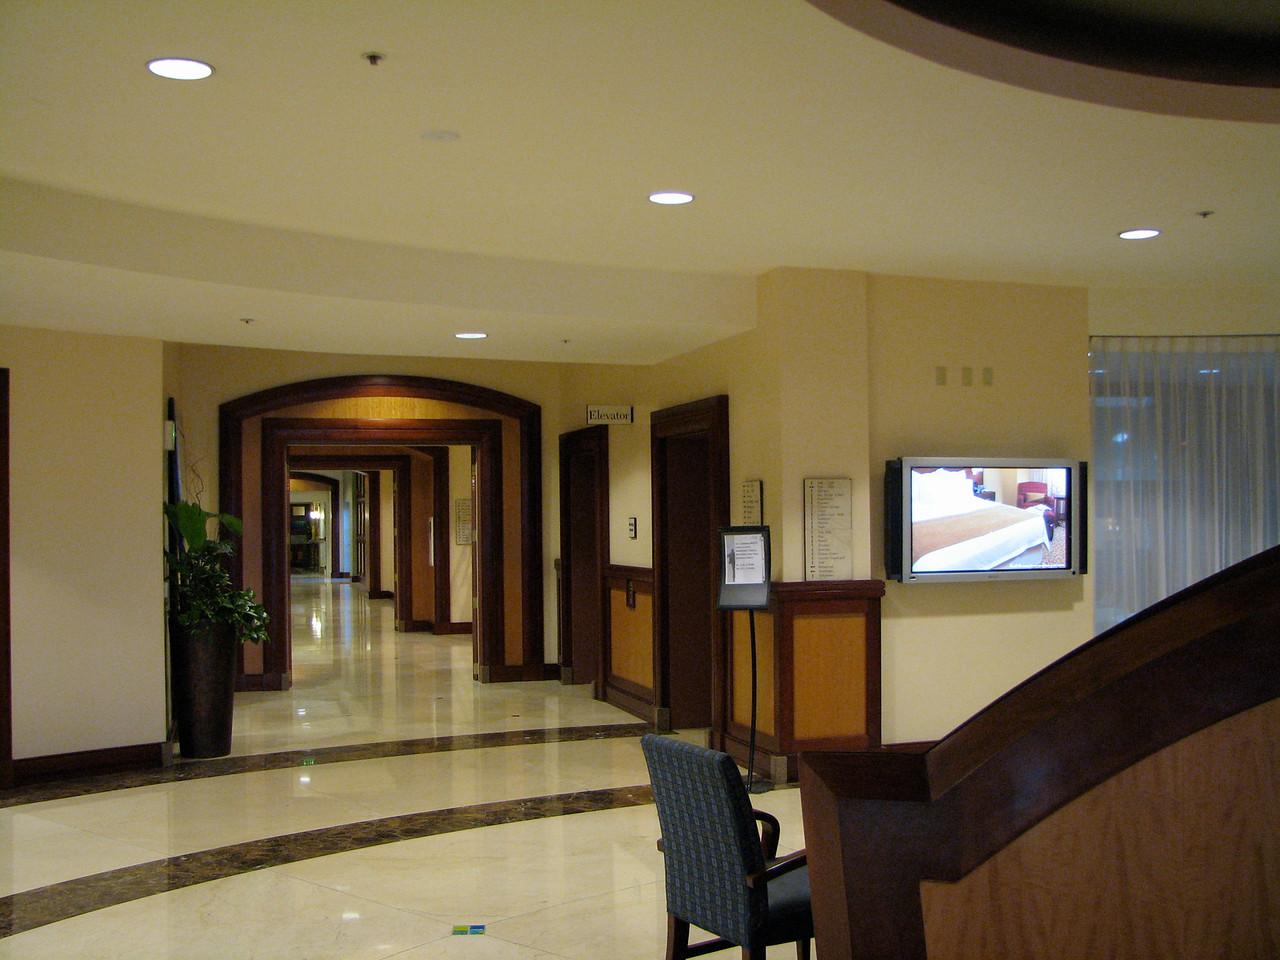 2007 02 18 Sun - San Mateo Marriott lobby 1